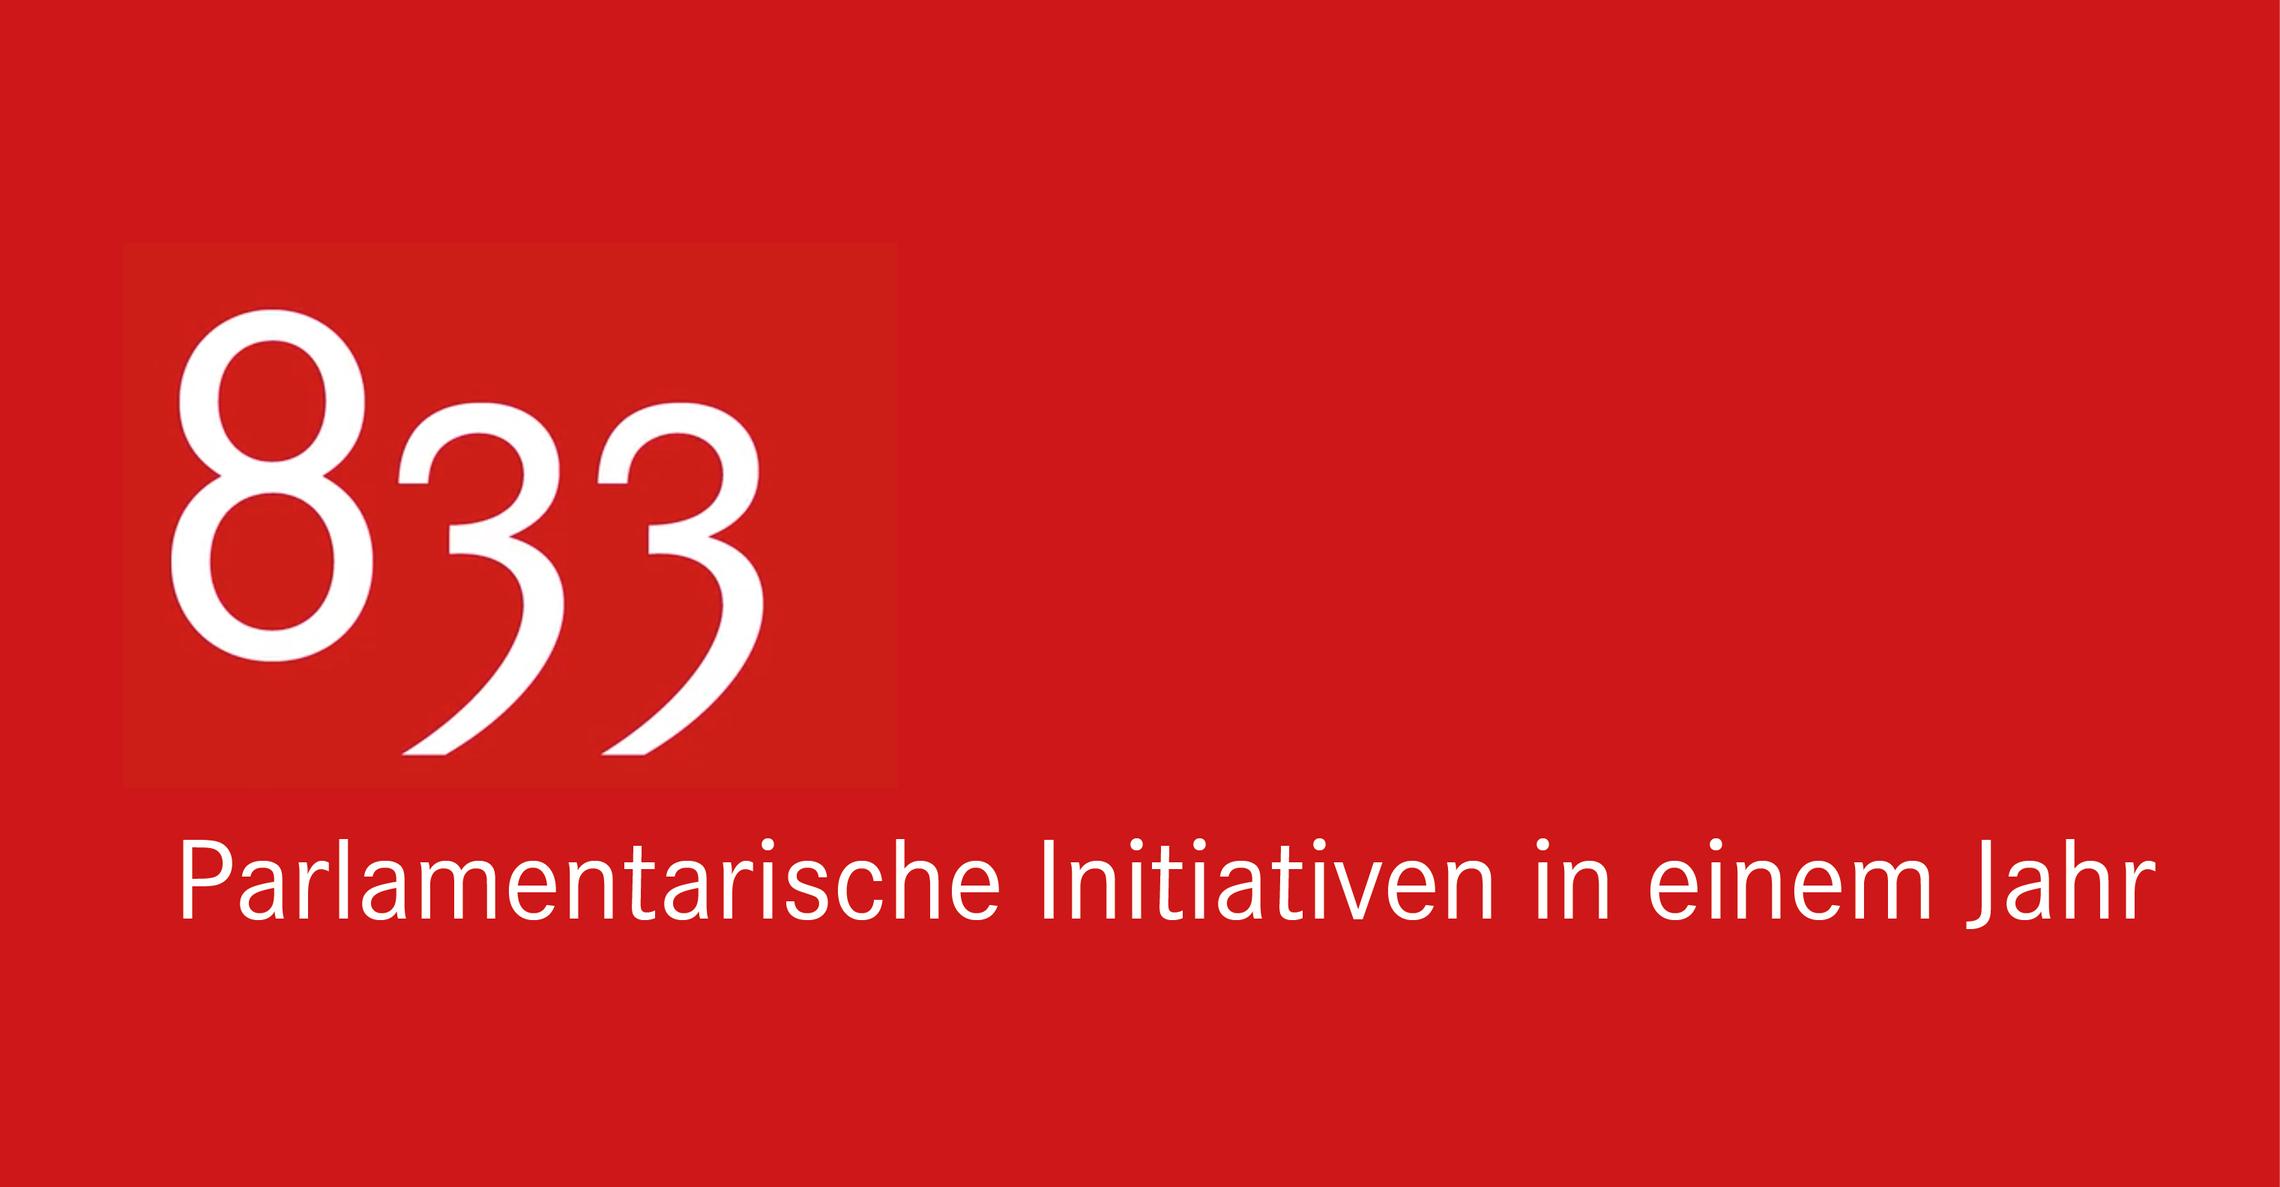 Parlamentarische Initiativen der Fraktion DIE LINKE im ersten Jahr der 19. Legislatur